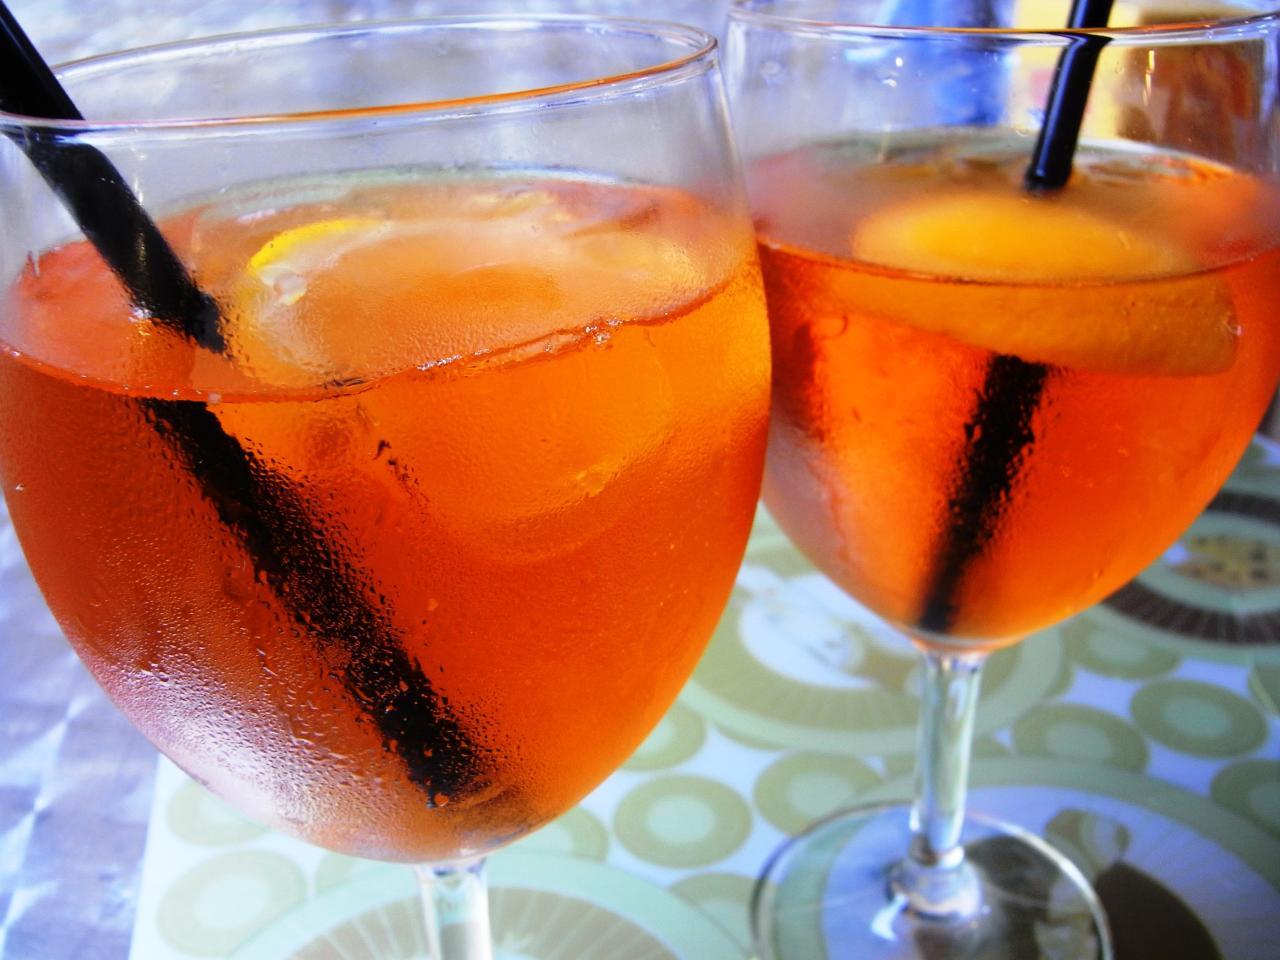 Il pirlo linda liguori for Bicchiere da spritz